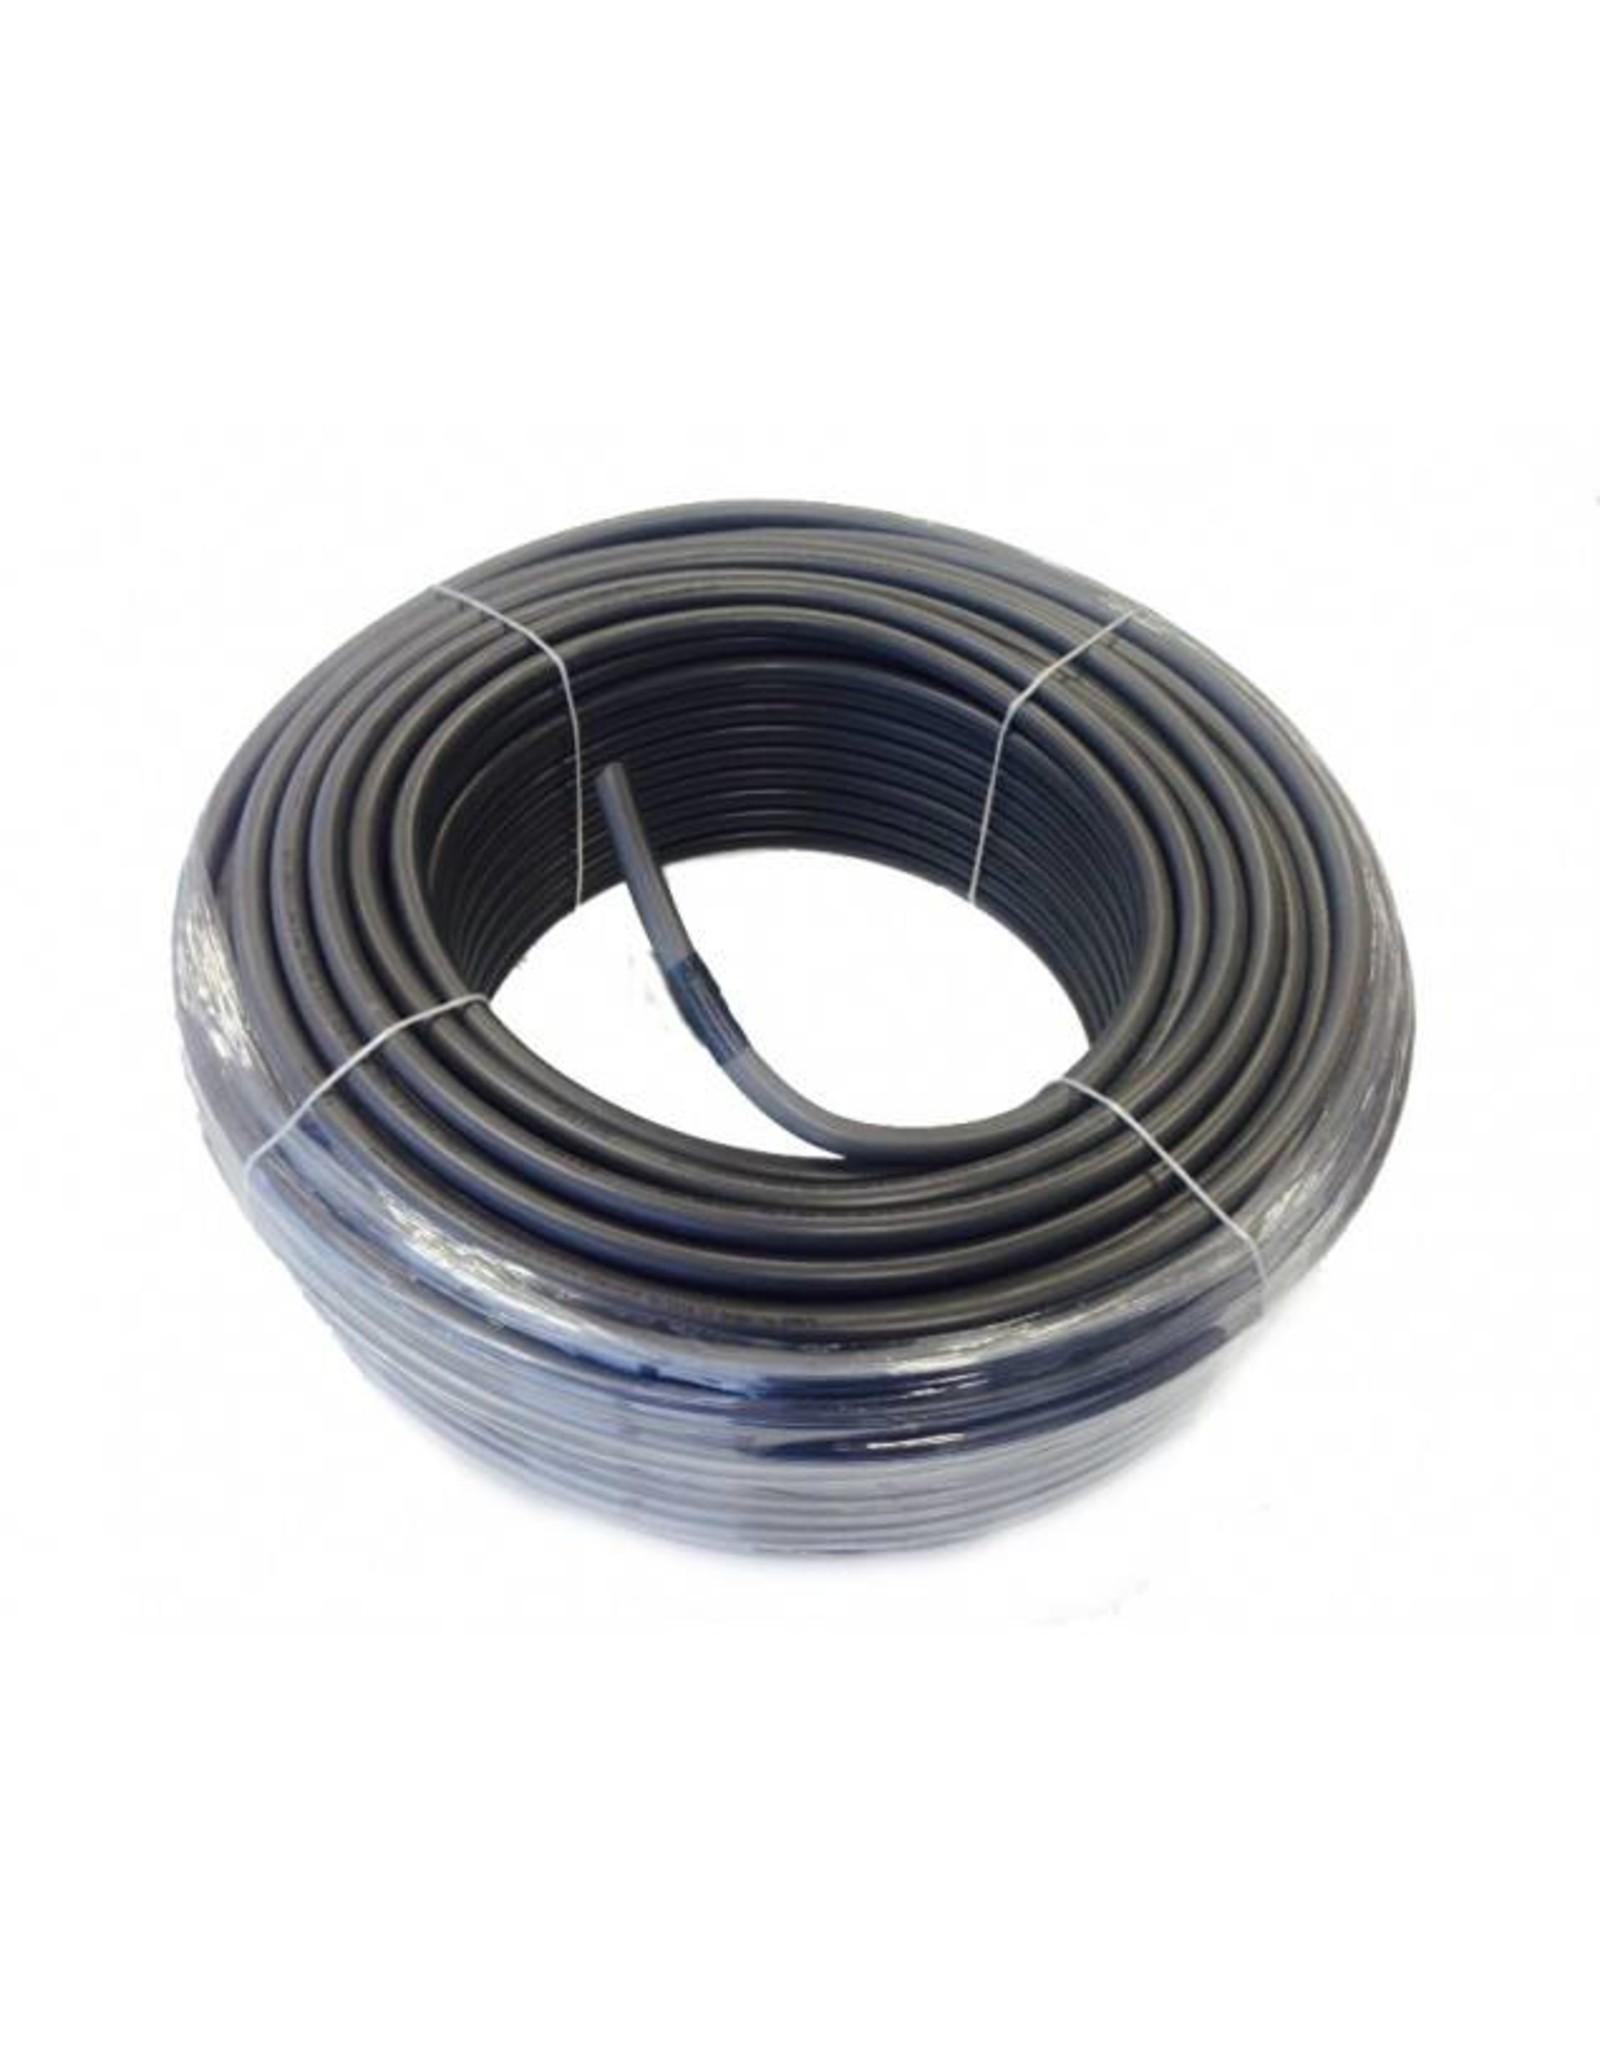 YmvK 3 x 4 mm2 GRIJS Dca-s3-d1-a3 (per 50 m)